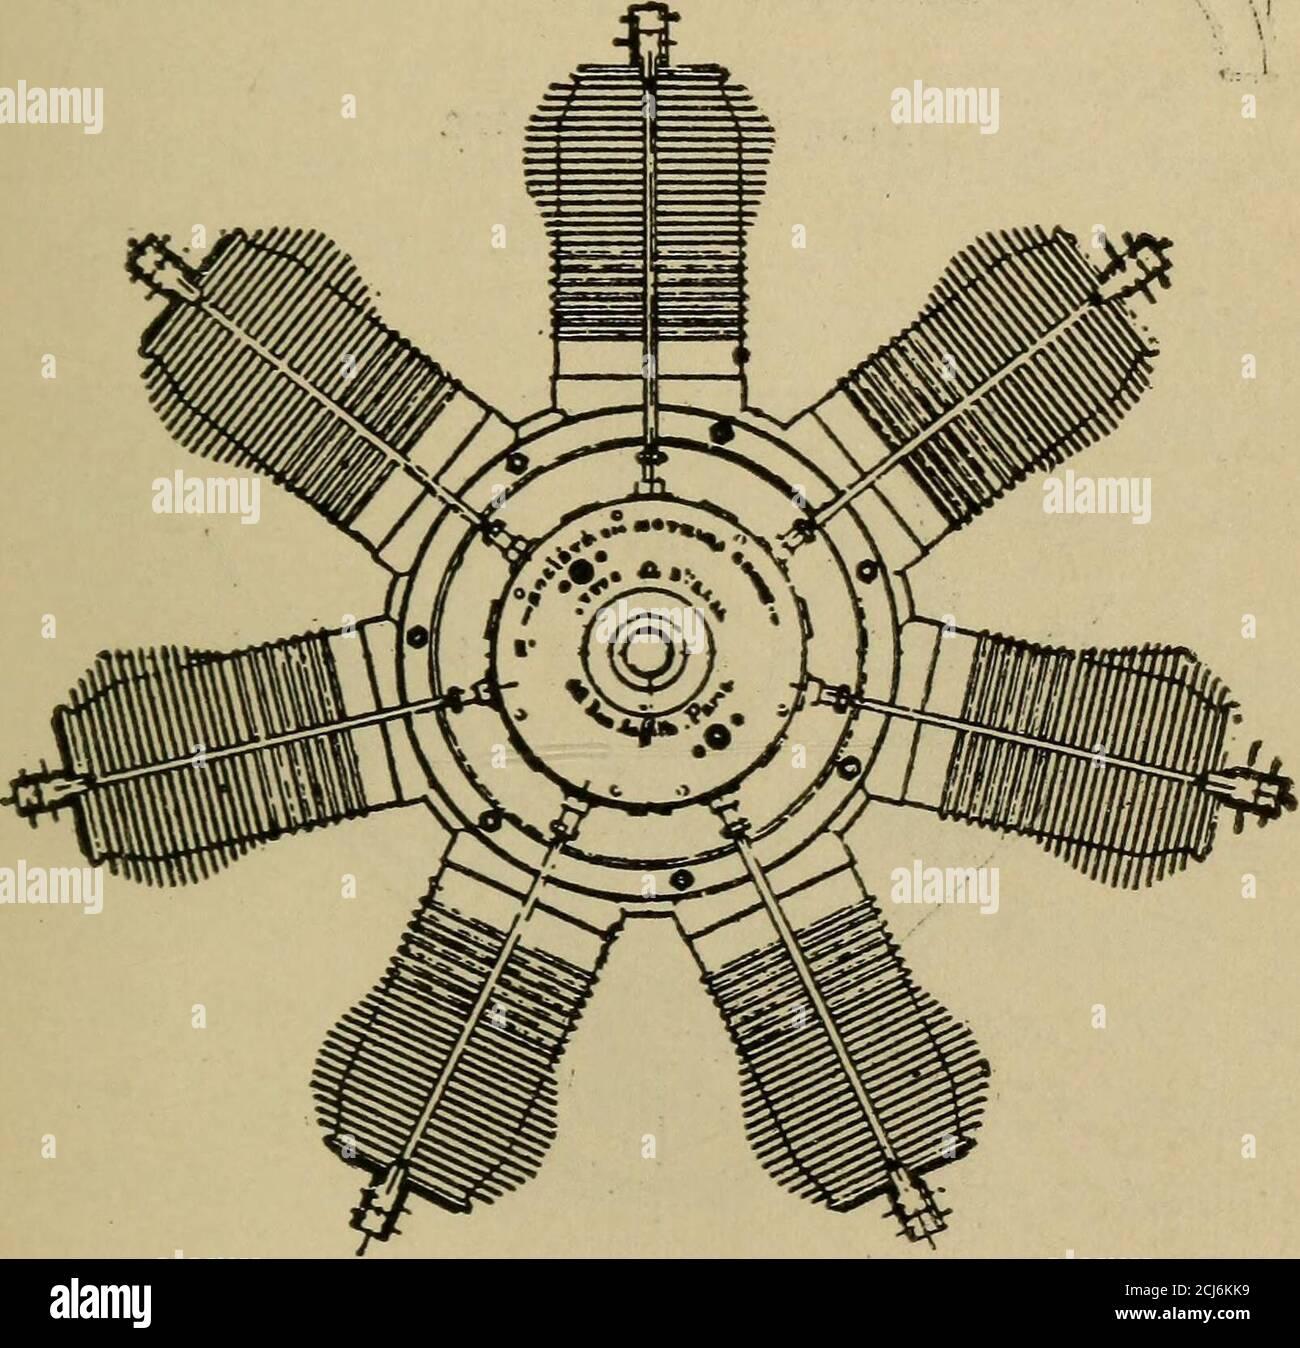 . Principes et conception de aëroplanes . ower requarv_ weight(lbs.) XVELOCIV(P.H.B.) - 2000 ~~ sur les plans, le centre de gravité doit être la largeur du plan devant son centre. Sur les courbes, le centre de gravité doit être -J, la largeur de la surface devant son centre. 36 CHAPETO IV Moteur et hélice. Le desideratum en ce qui concerne un motoris bien sûr un minimum de poids fora maximum de puissance. En d'autres termes, le poids de rapport de la puissance motrice doit être aussi petit que possible. Les valeurs de Therecord sont les suivantes : selon H.P.Dufaux, 1.5 lbs. ) Antoinette Co., 2.2 lbs. V PetrolWright Bros., 2.2 lb Banque D'Images